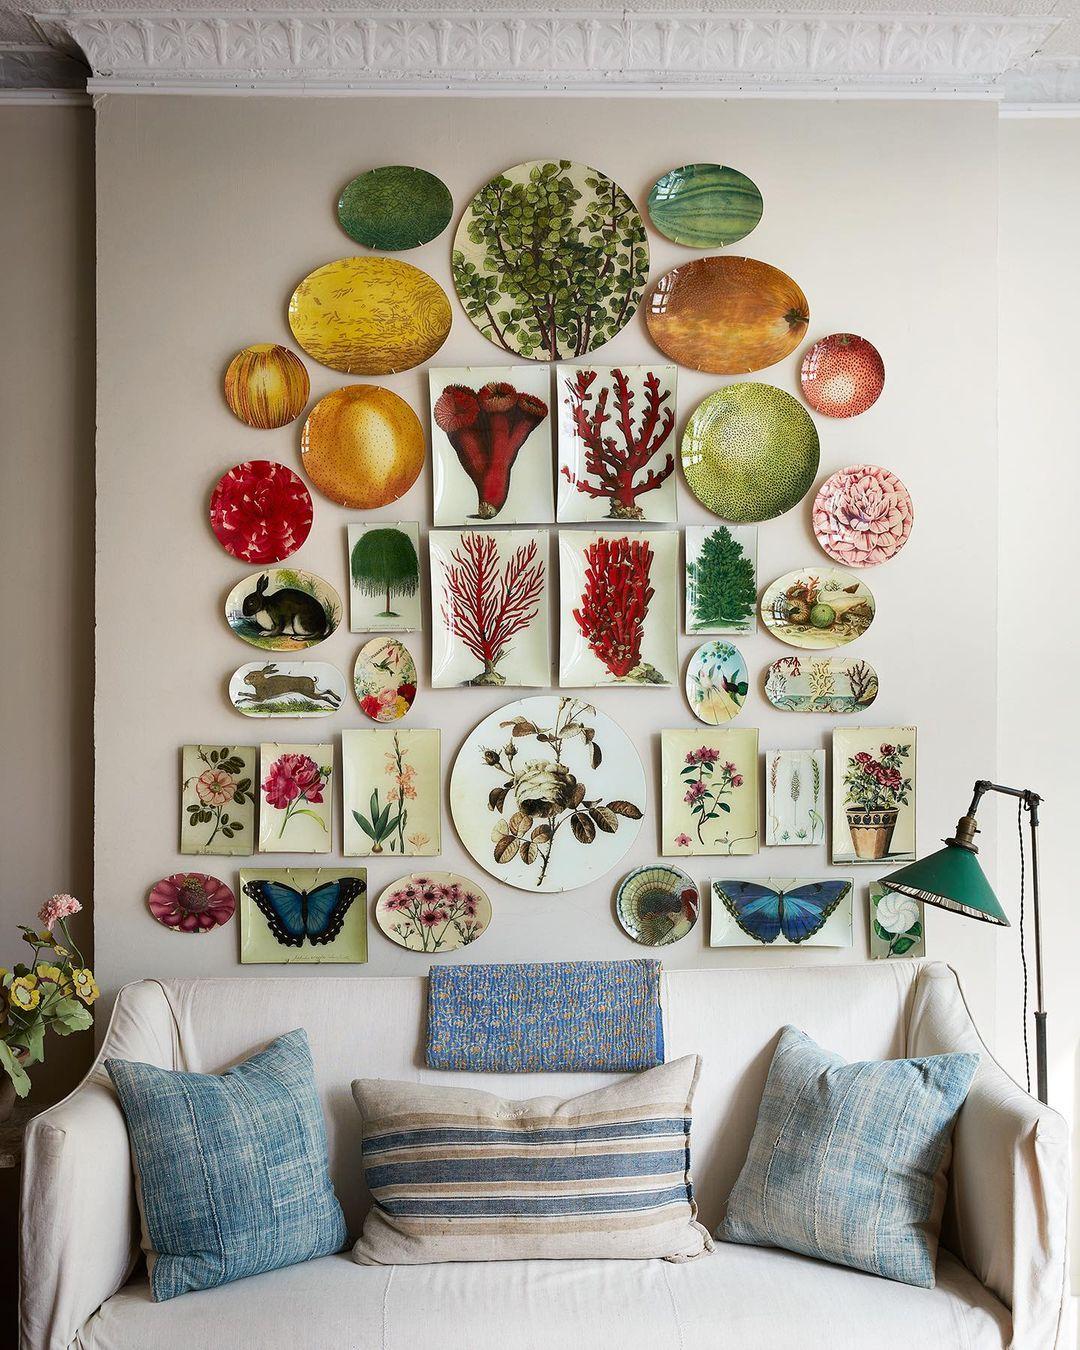 parede decorada com objetos